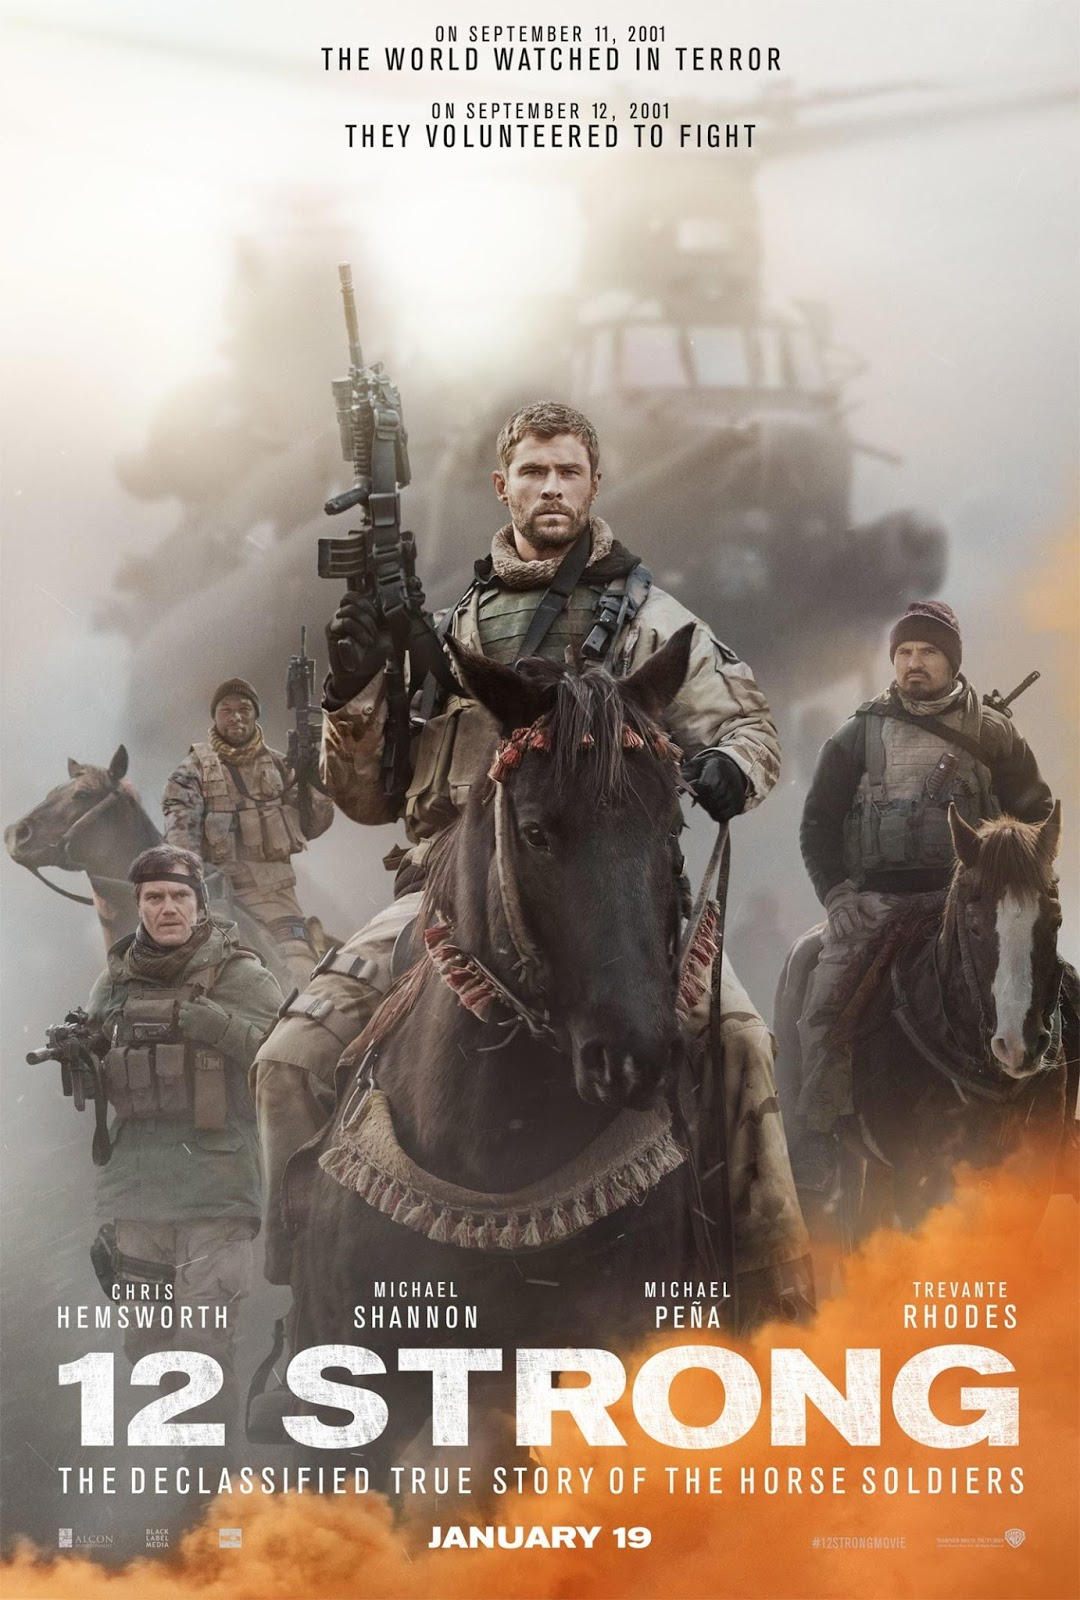 Resultado de imagem para Nicolai Fuglsig 12 strong poster